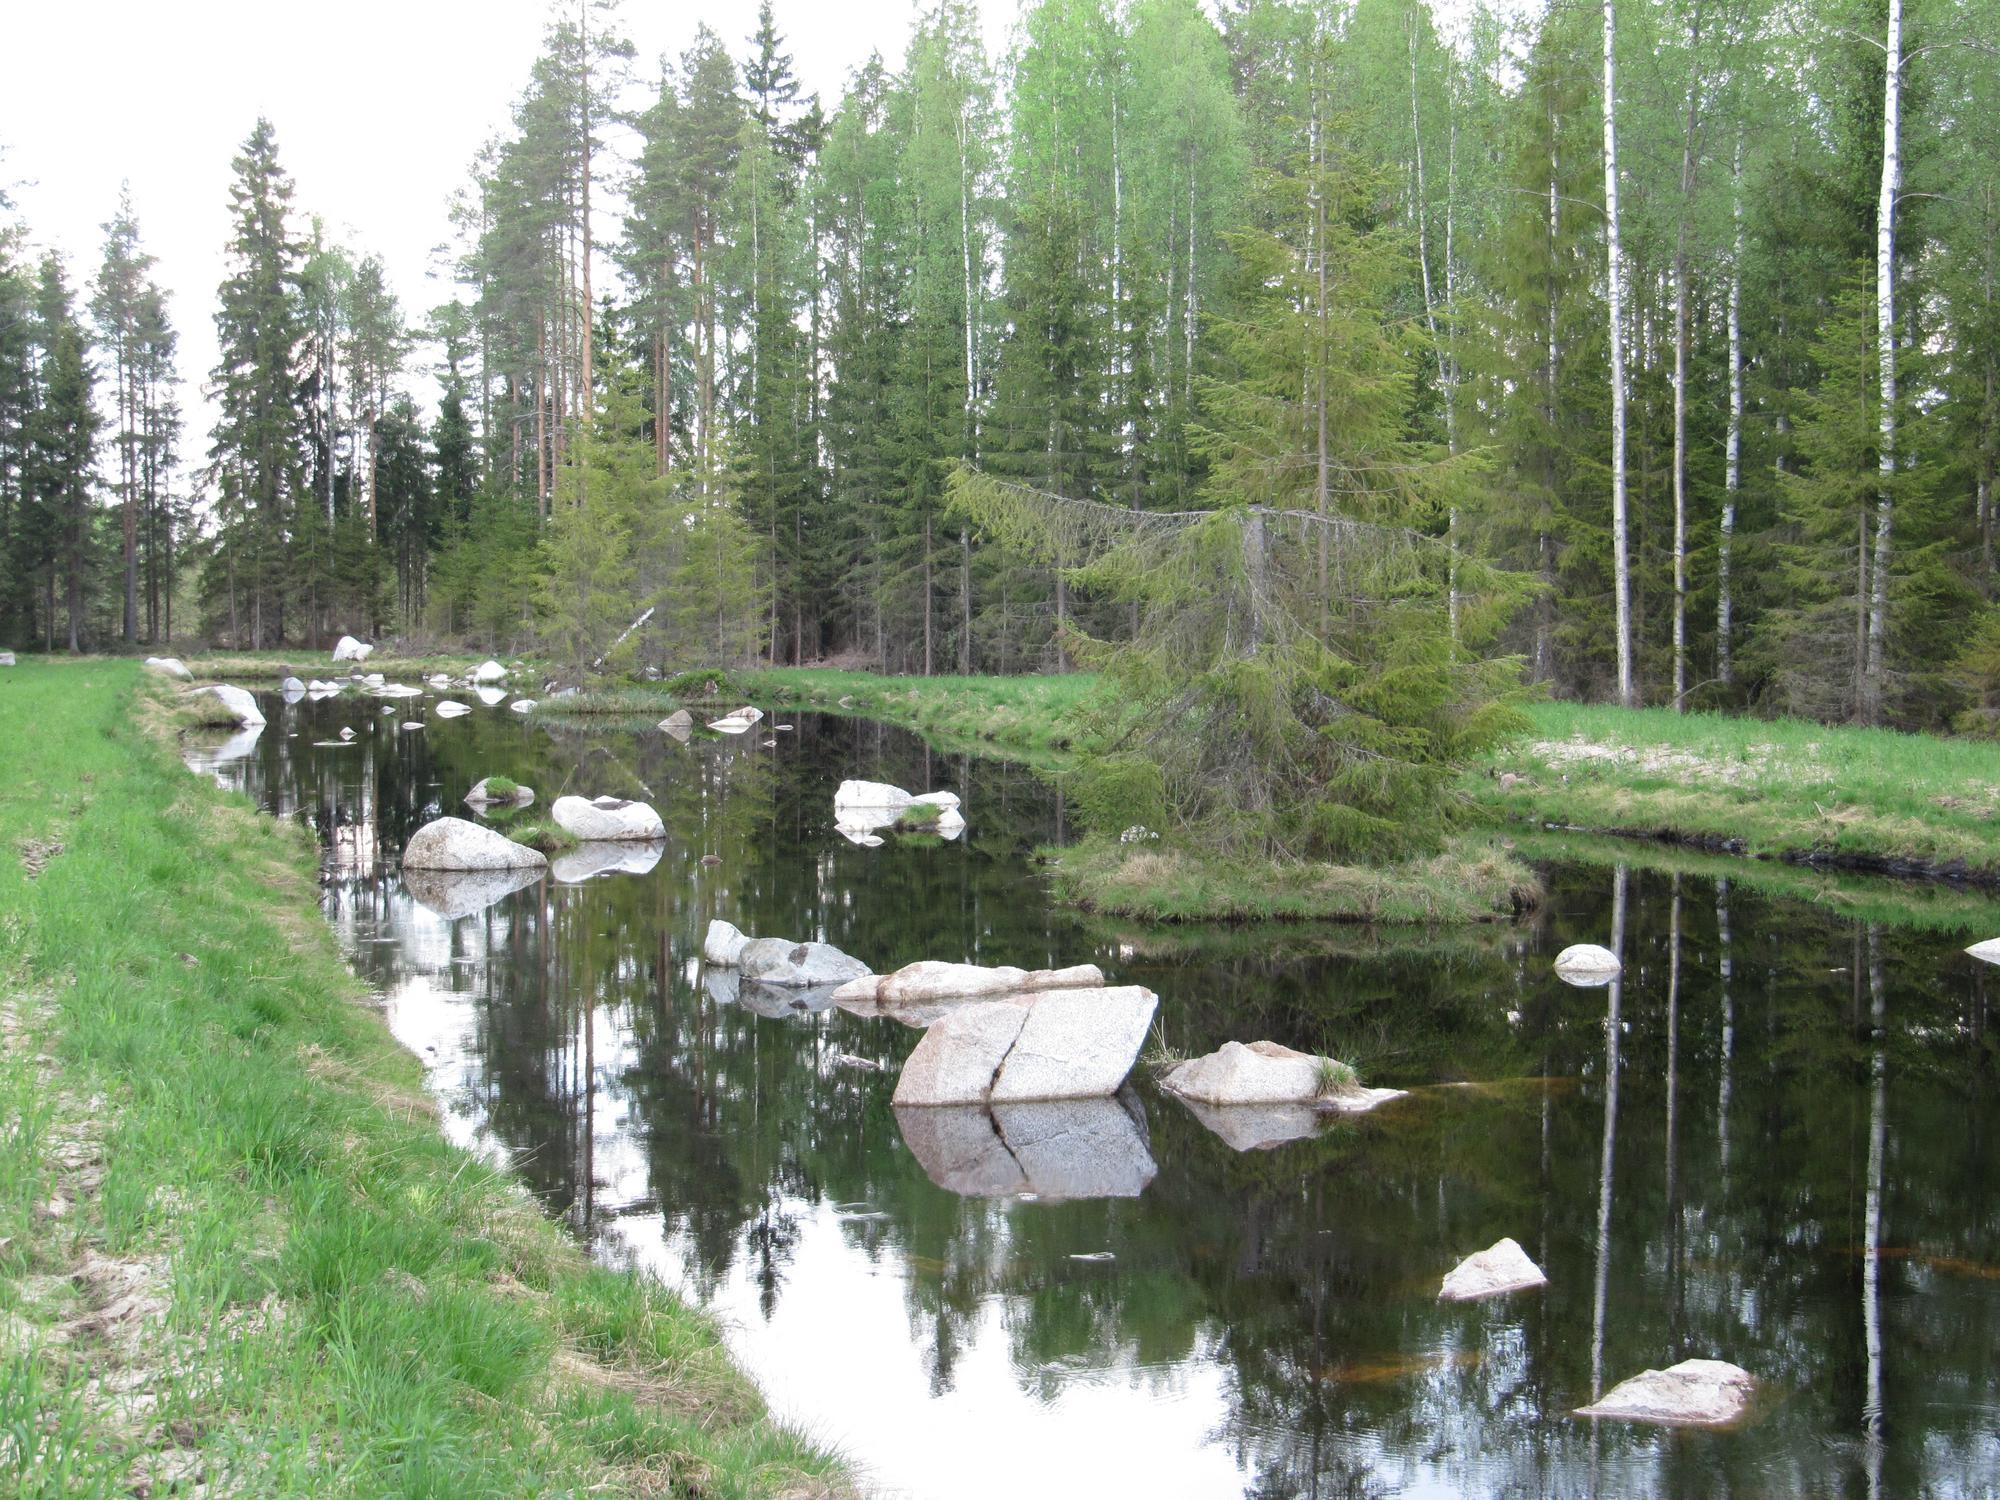 Valokuva kosteikon avovesialueesta, jossa virtaamaa hidastavia kiviä ja saarekkeita.